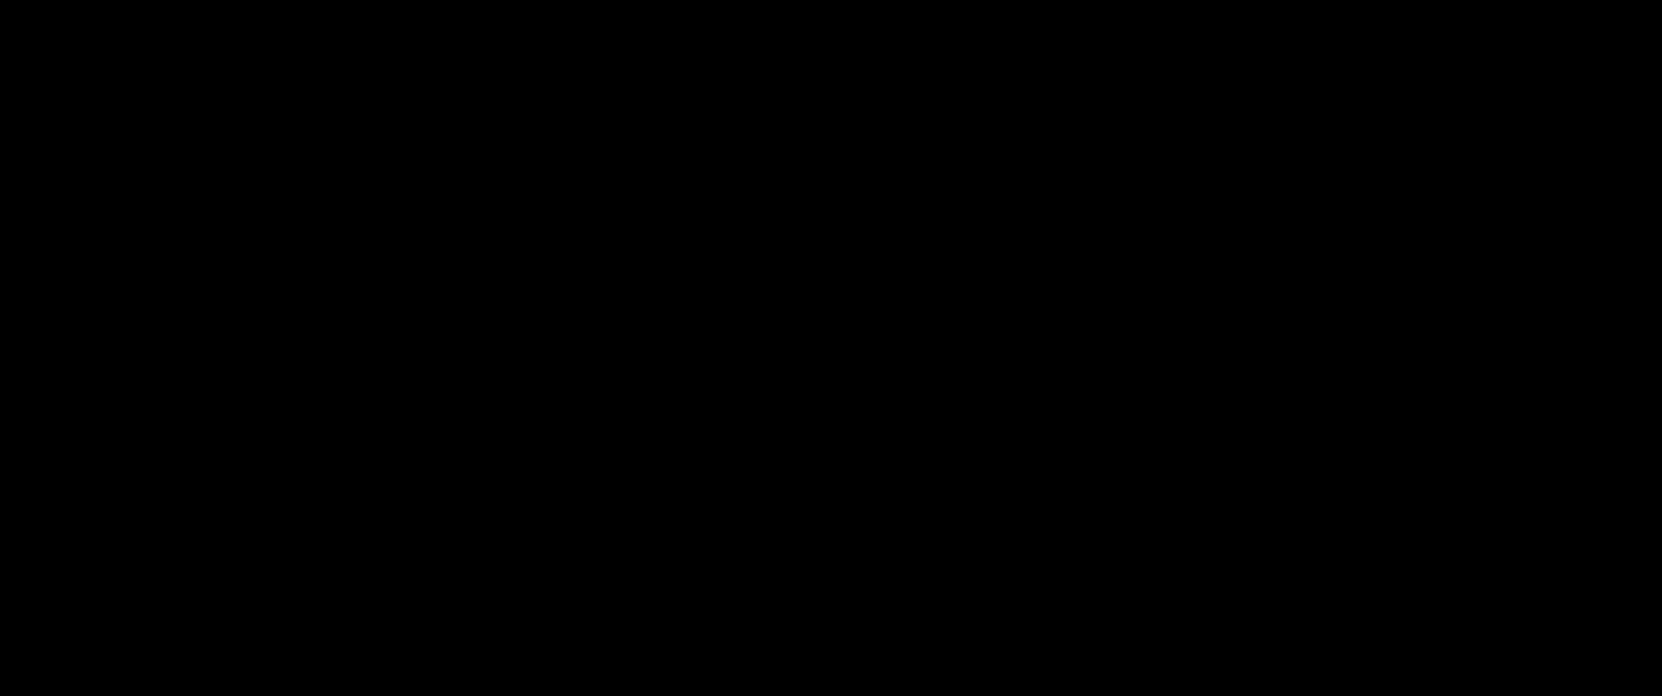 8-(2,5-Dimethoxy-d<sub>6</sub>-phenylamino)-8-oxooctanoic acid